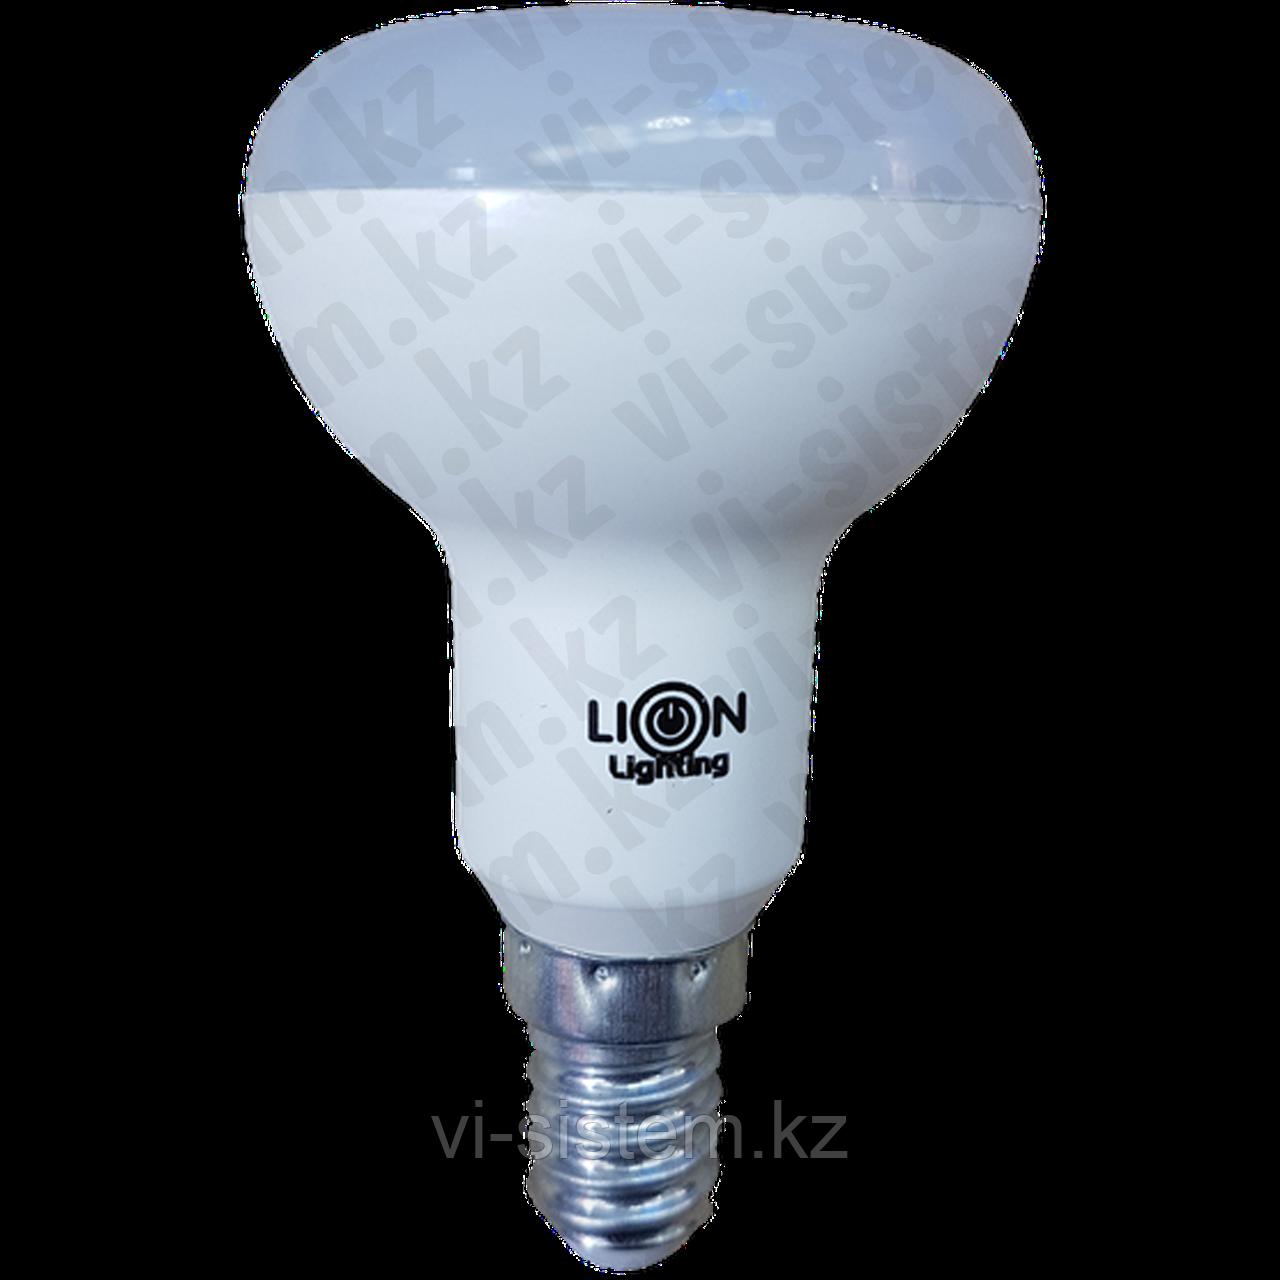 Лампа светодиодная Lion Lighting 4W E14 6500K